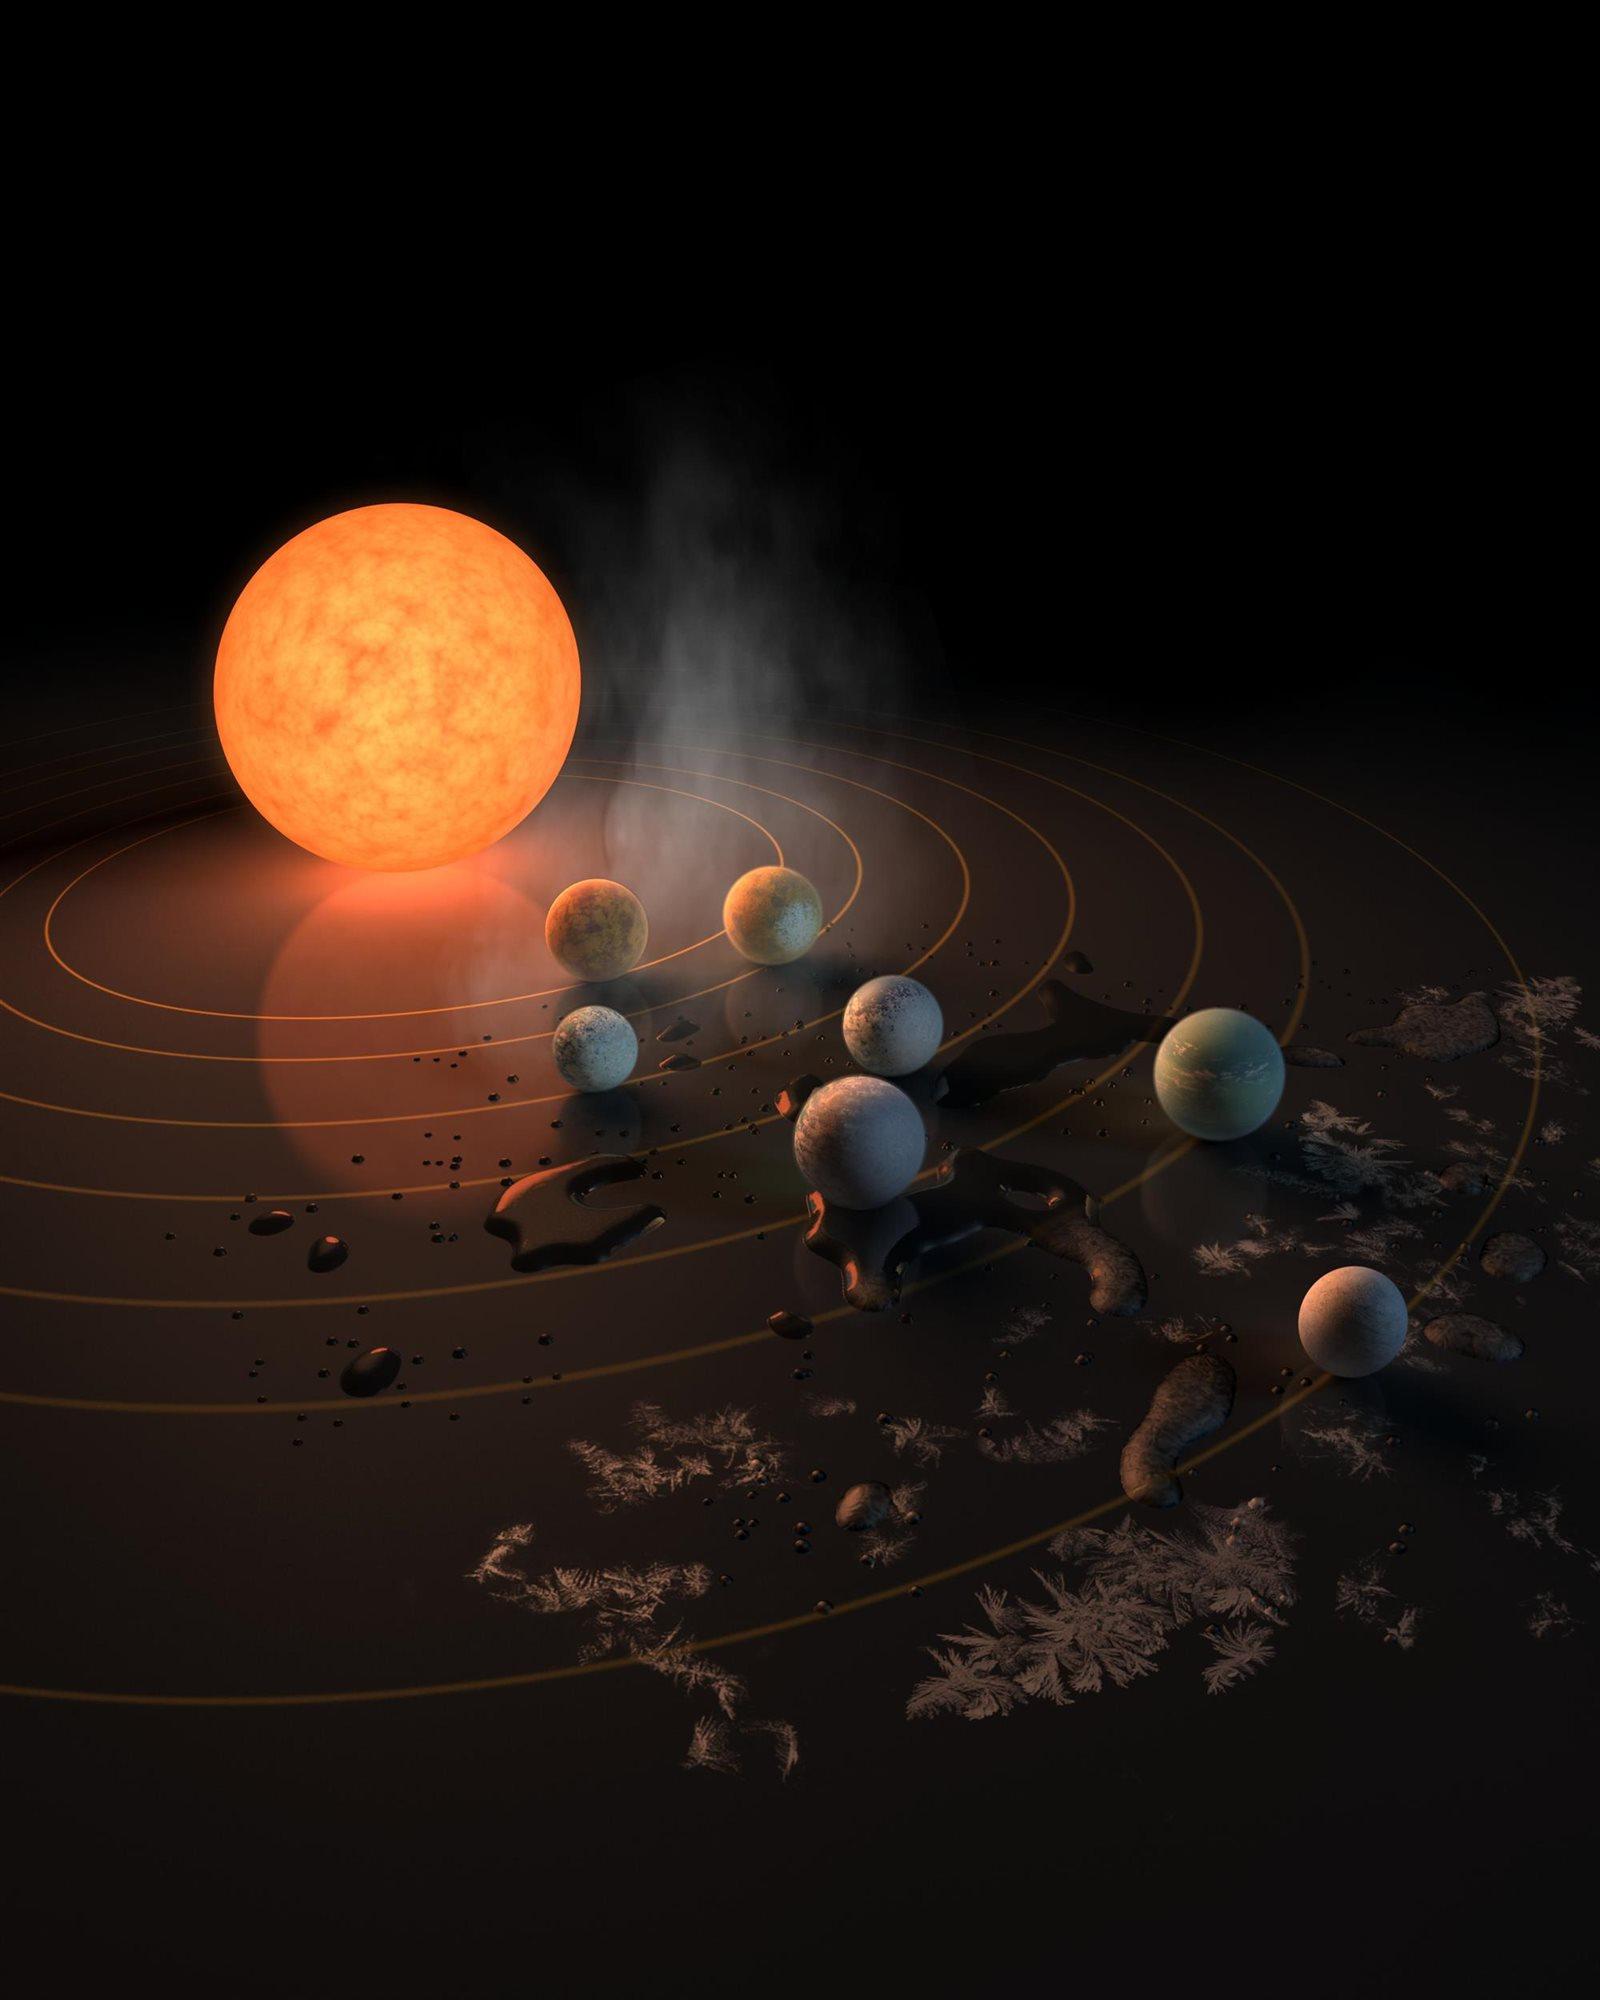 Resultado de imagen de Descubren nuevos mundos como la Tierra